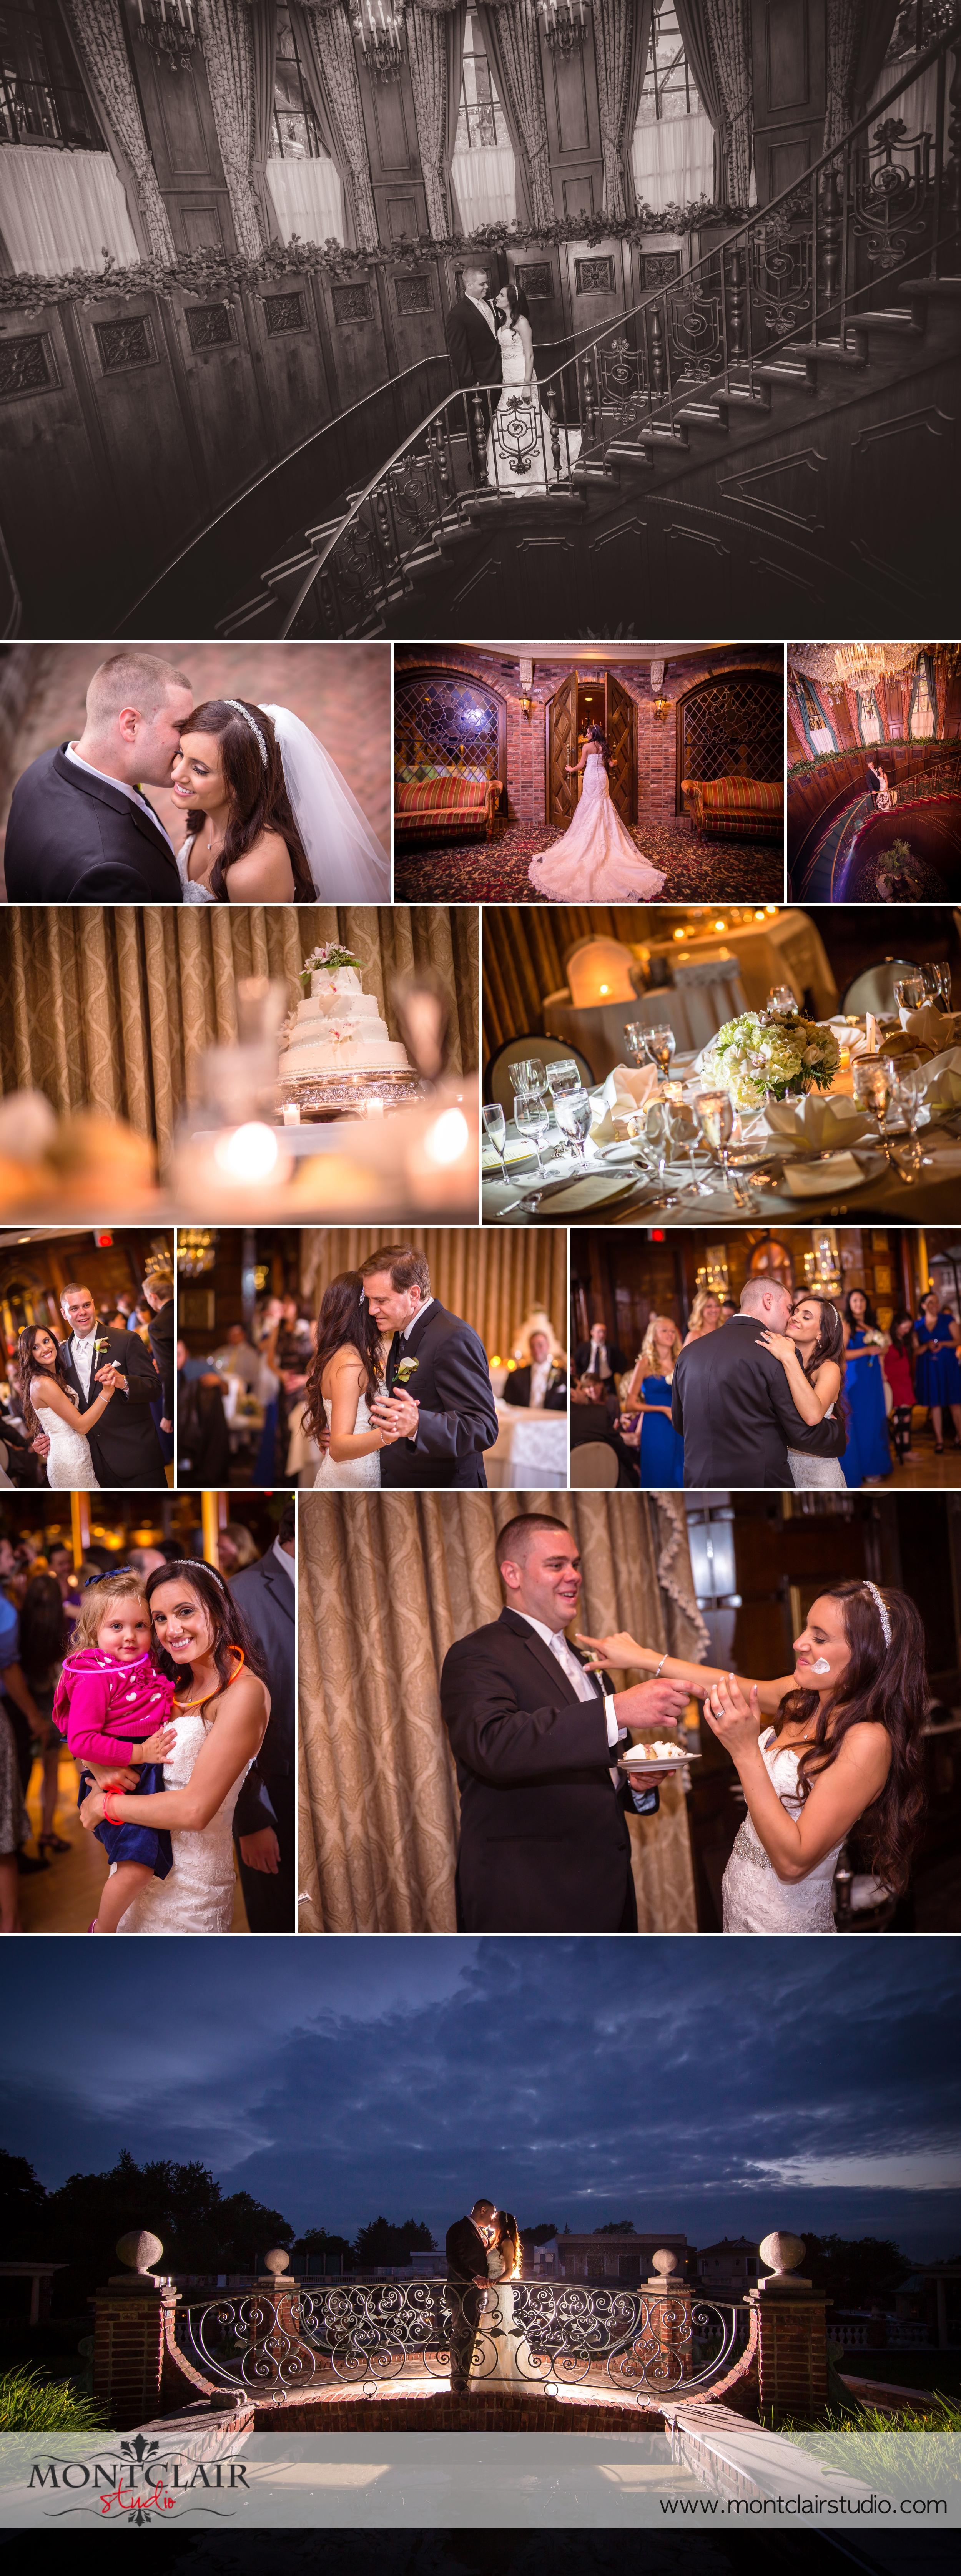 Wedding Lisa and Michael 2.jpg